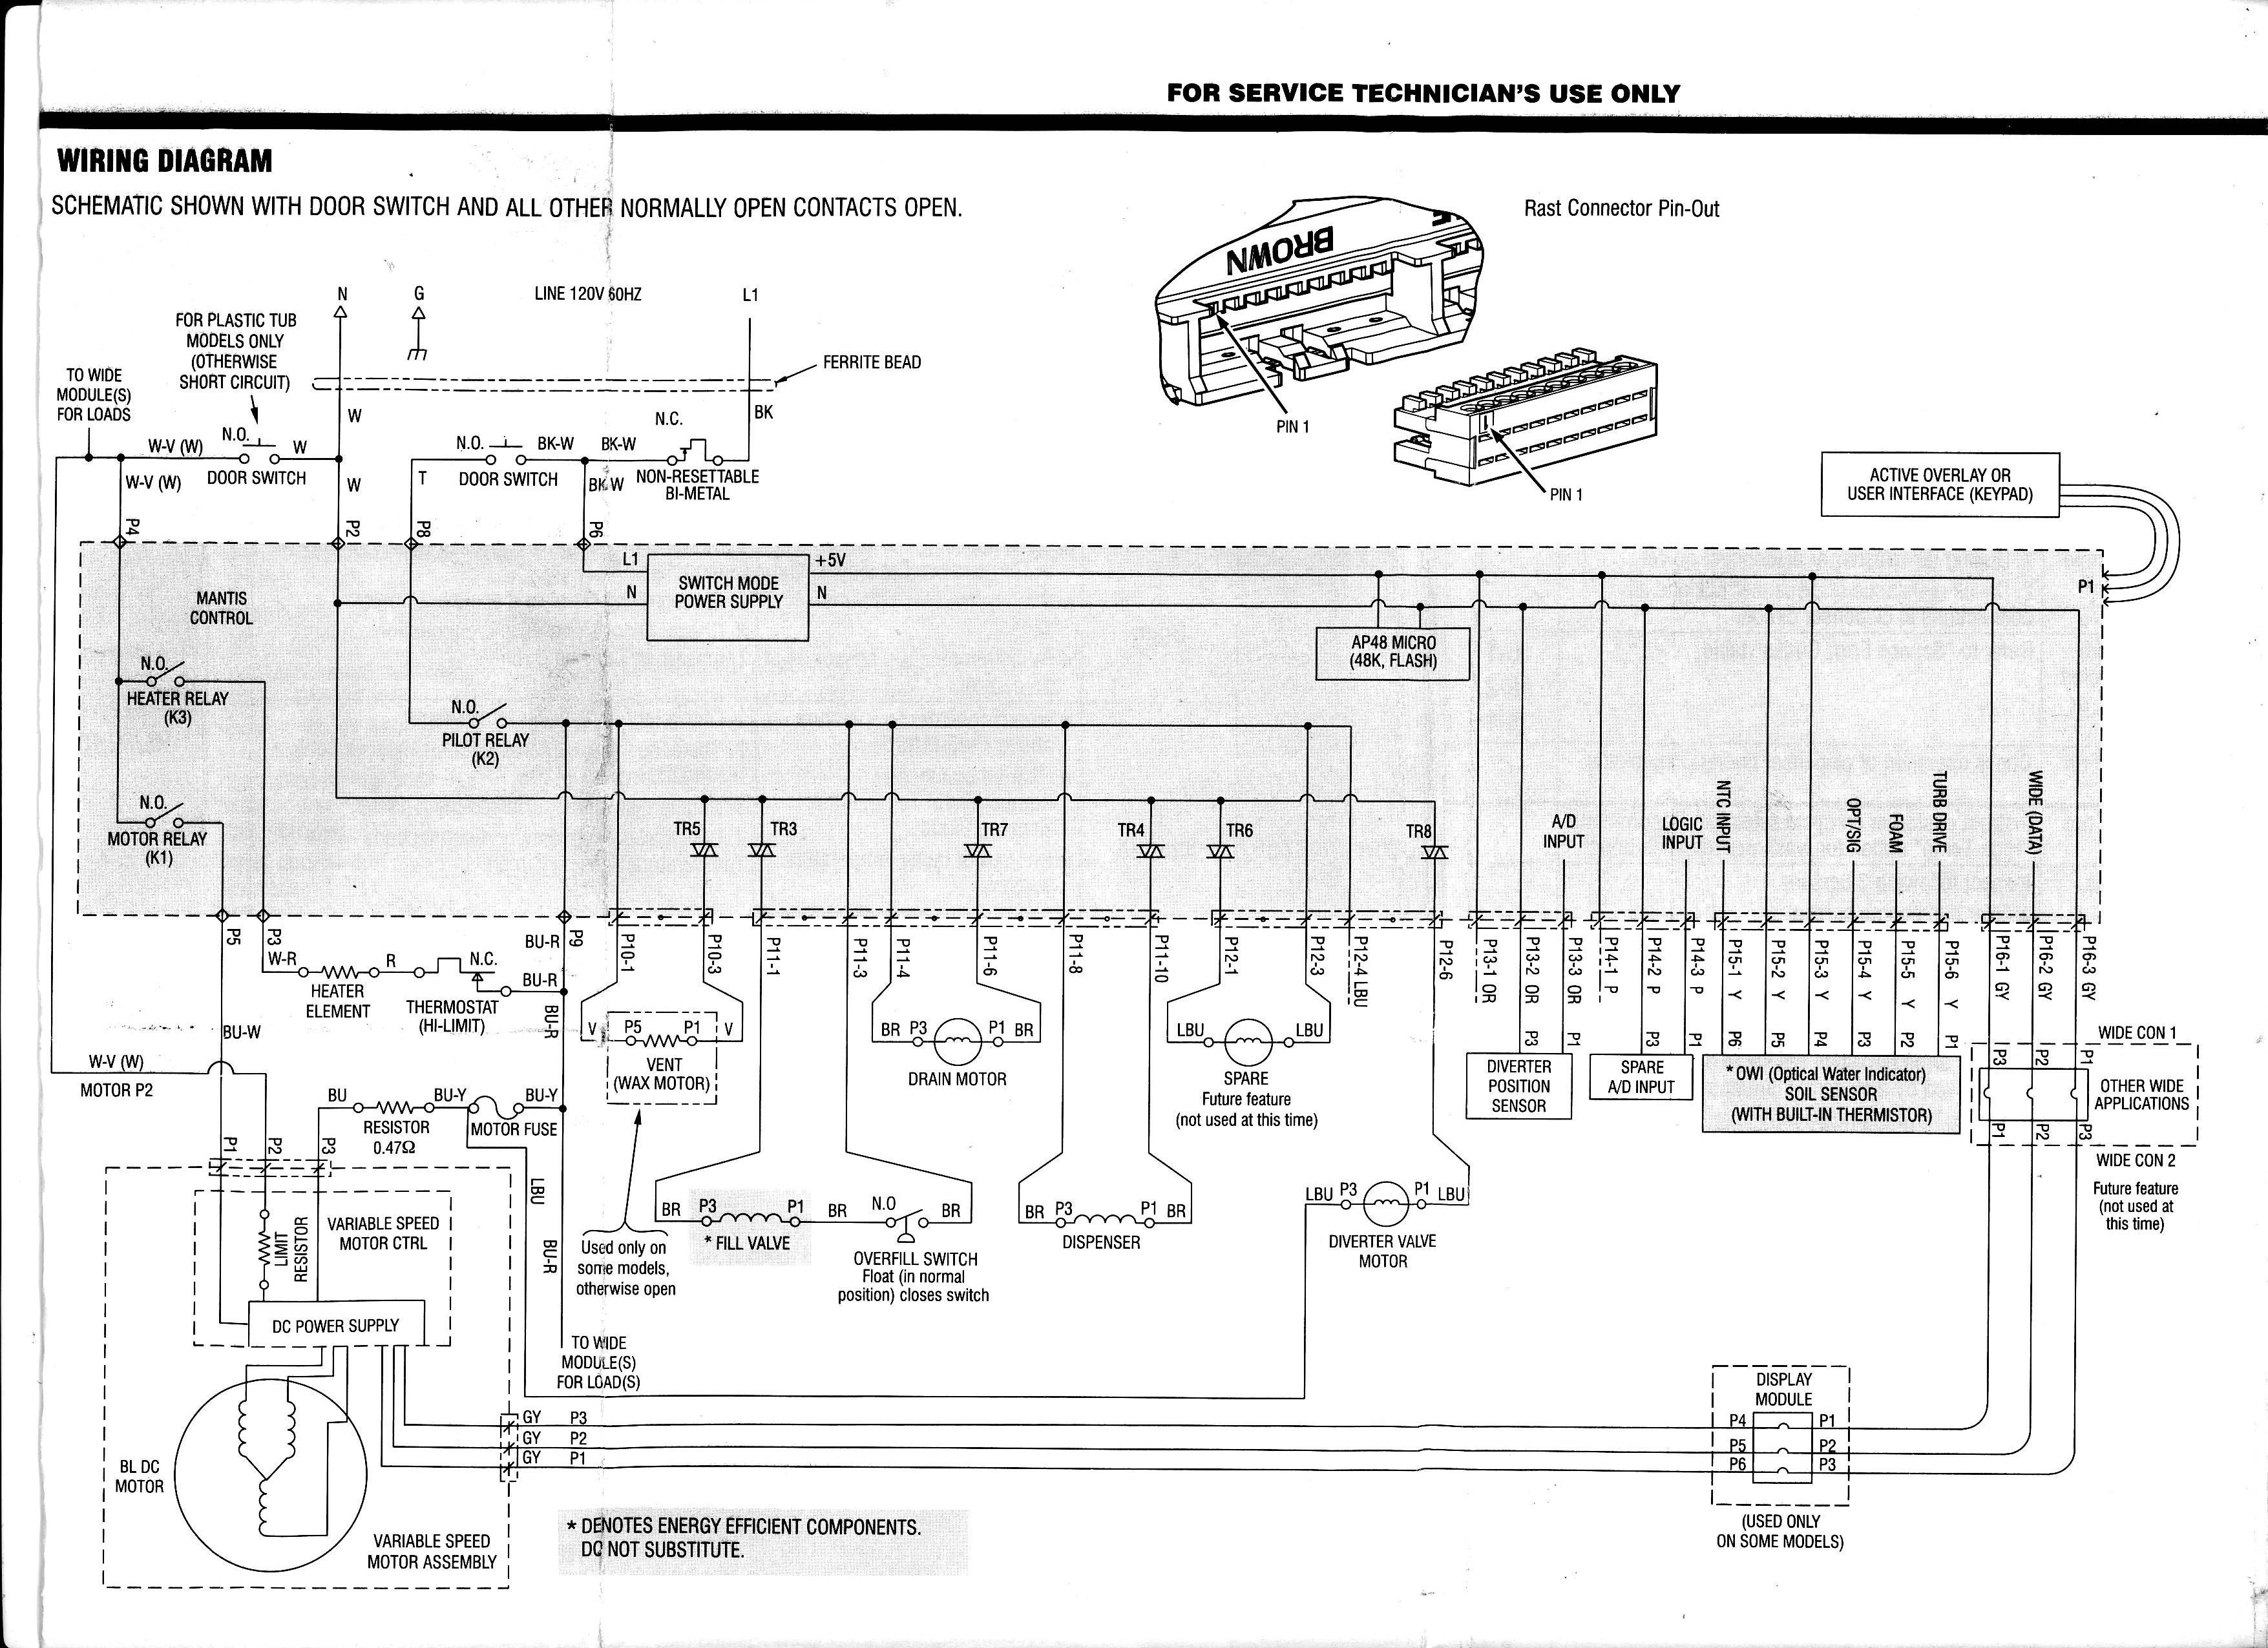 2012 01 21_033454_wiring_diagram?resize\=840%2C610 asrock wiring diagram wiring diagrams asrock wiring diagram at creativeand.co